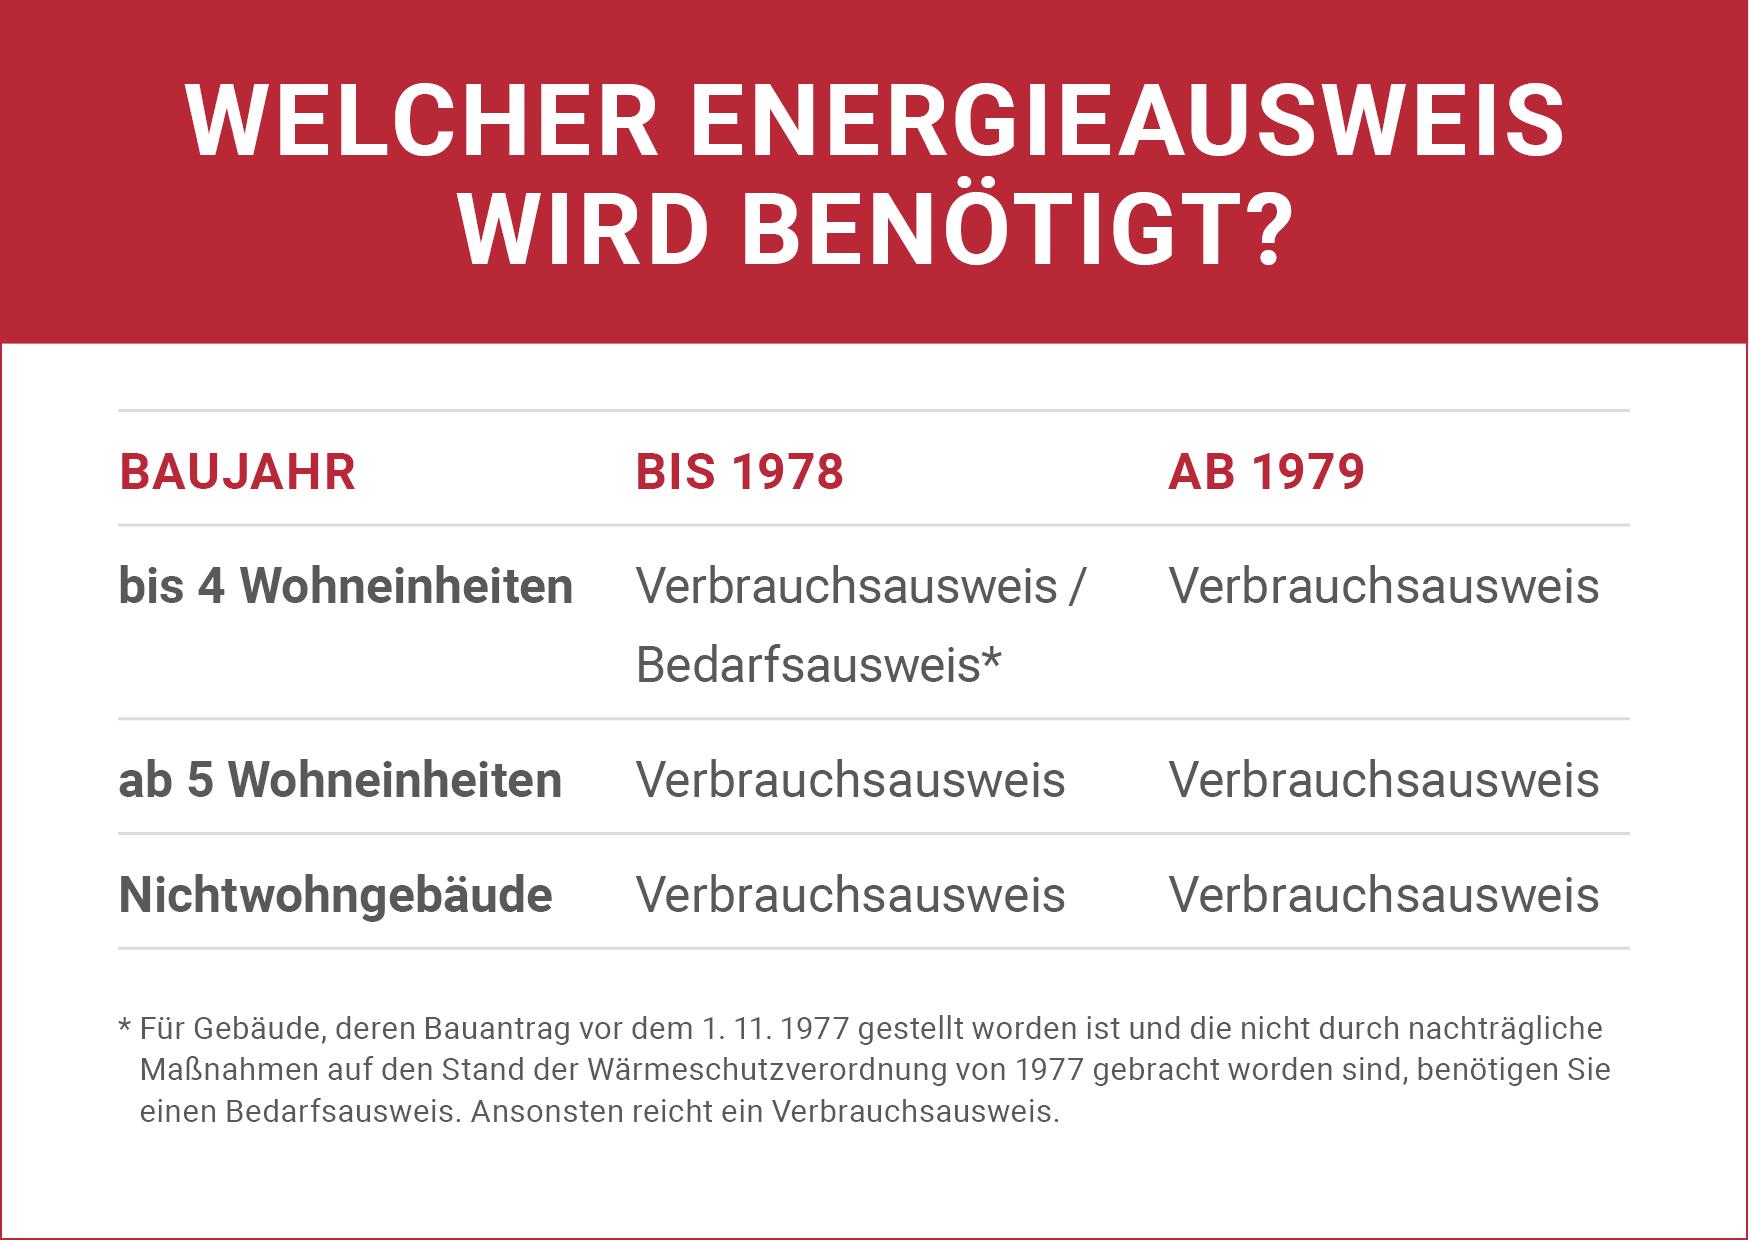 Welcher Energieausweis wird benötigt?